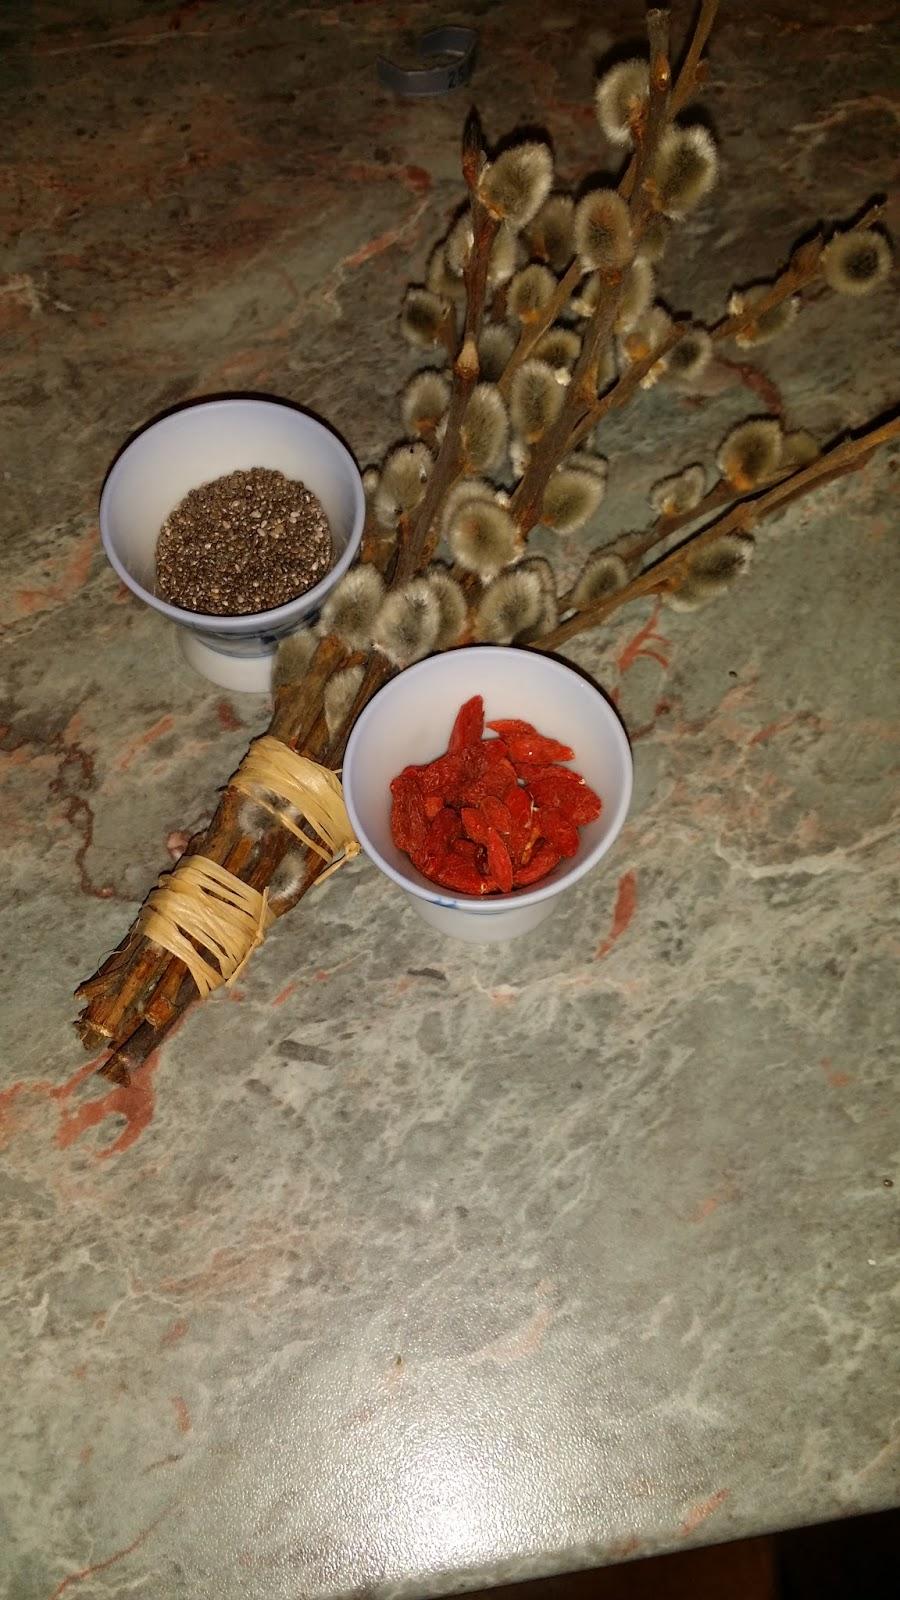 Chia tohumu ile Etiketlenen Konular